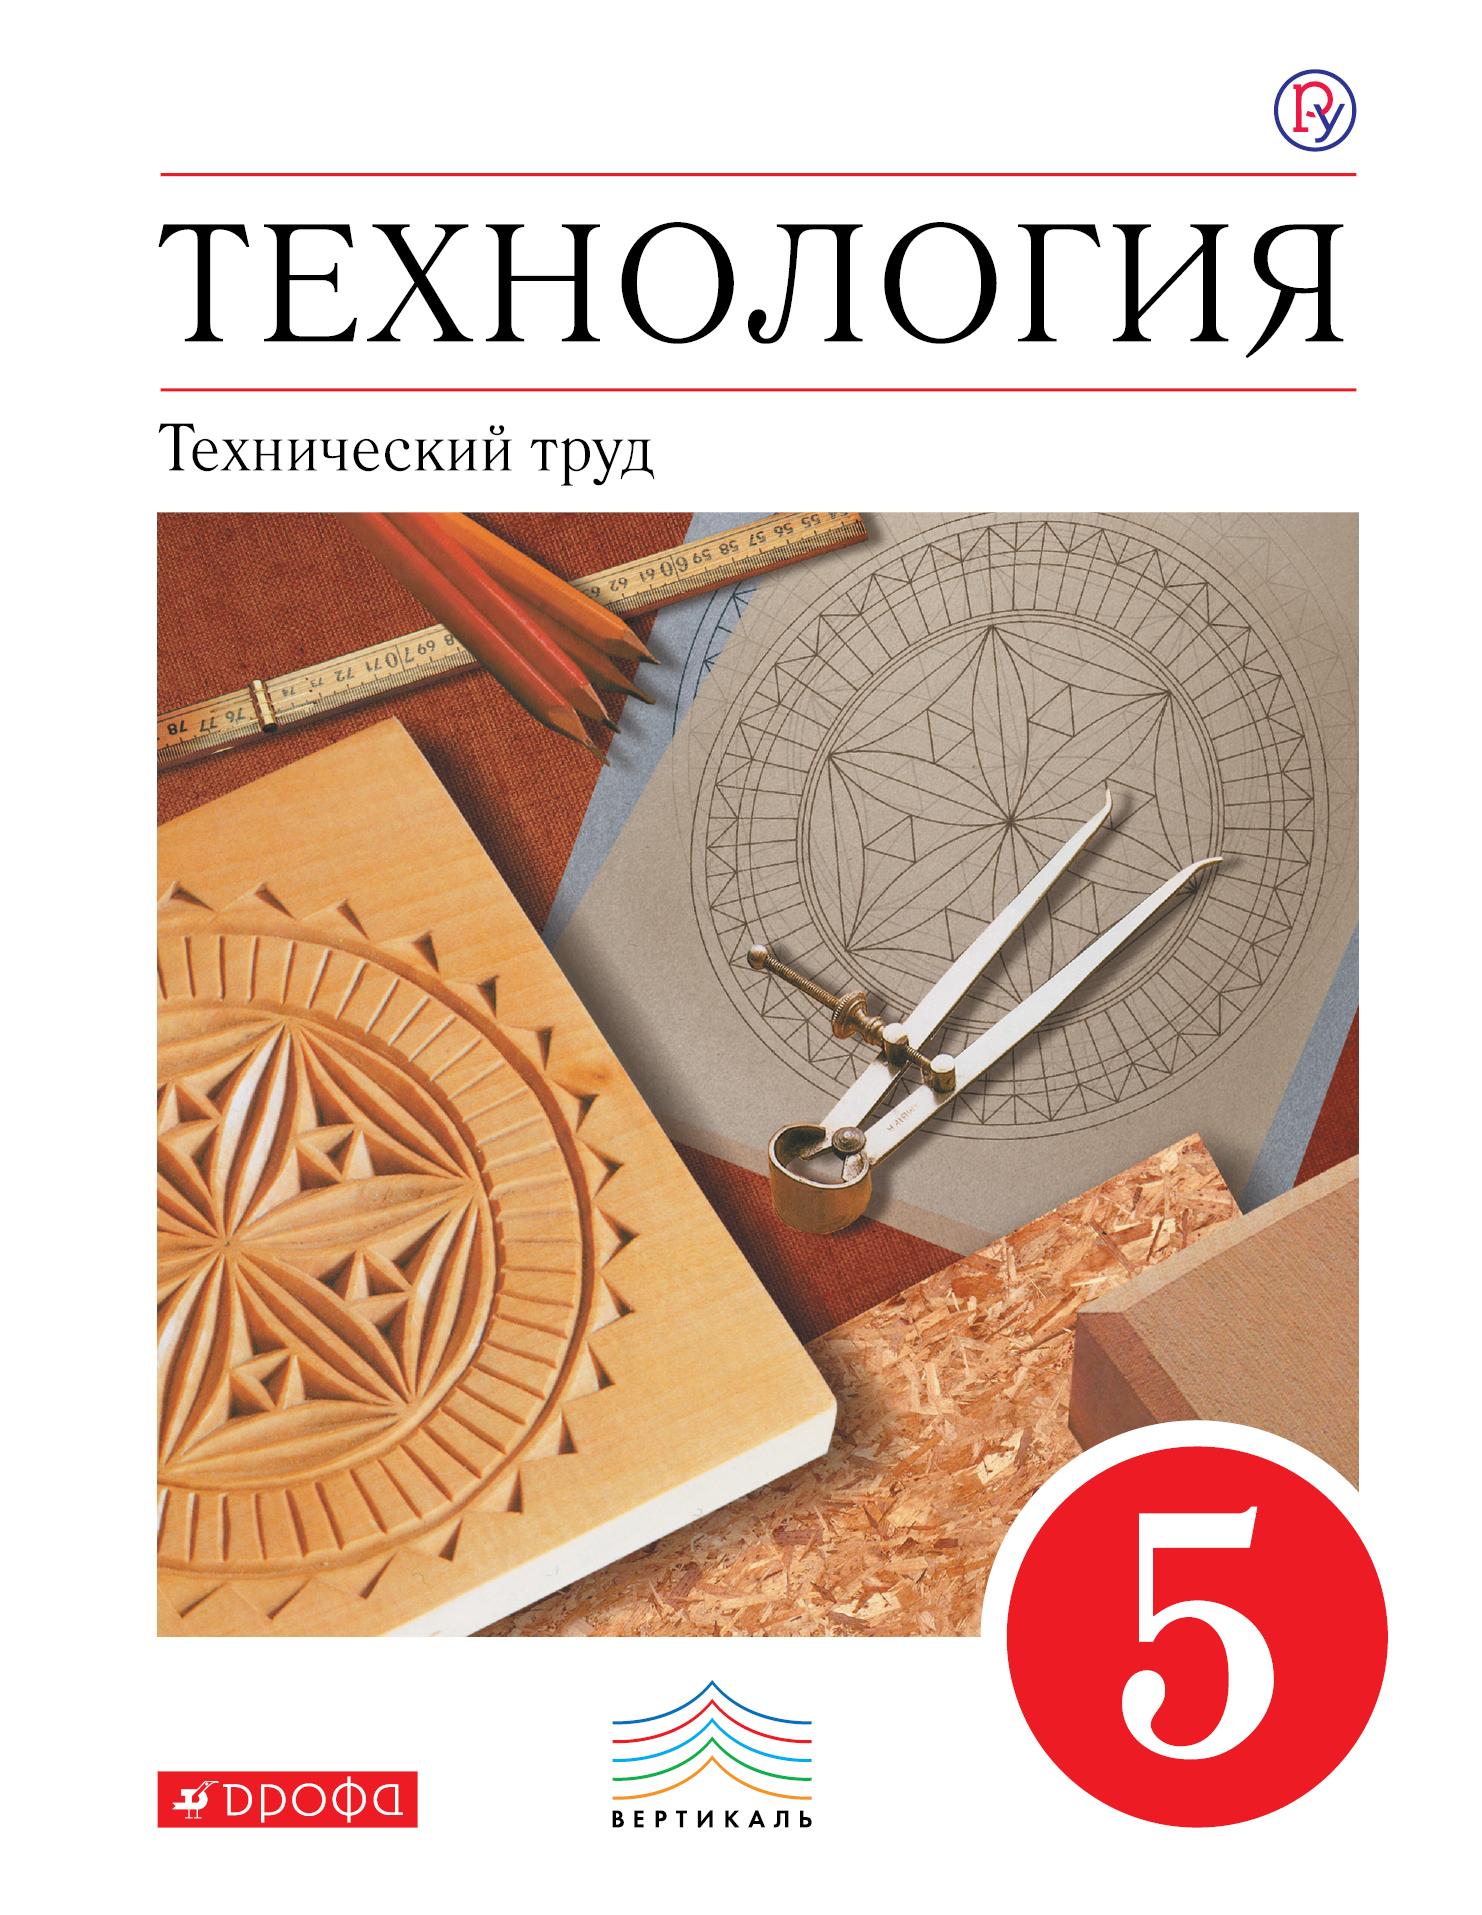 Технология. Технический труд. 5 класс. Учебник. от book24.ru